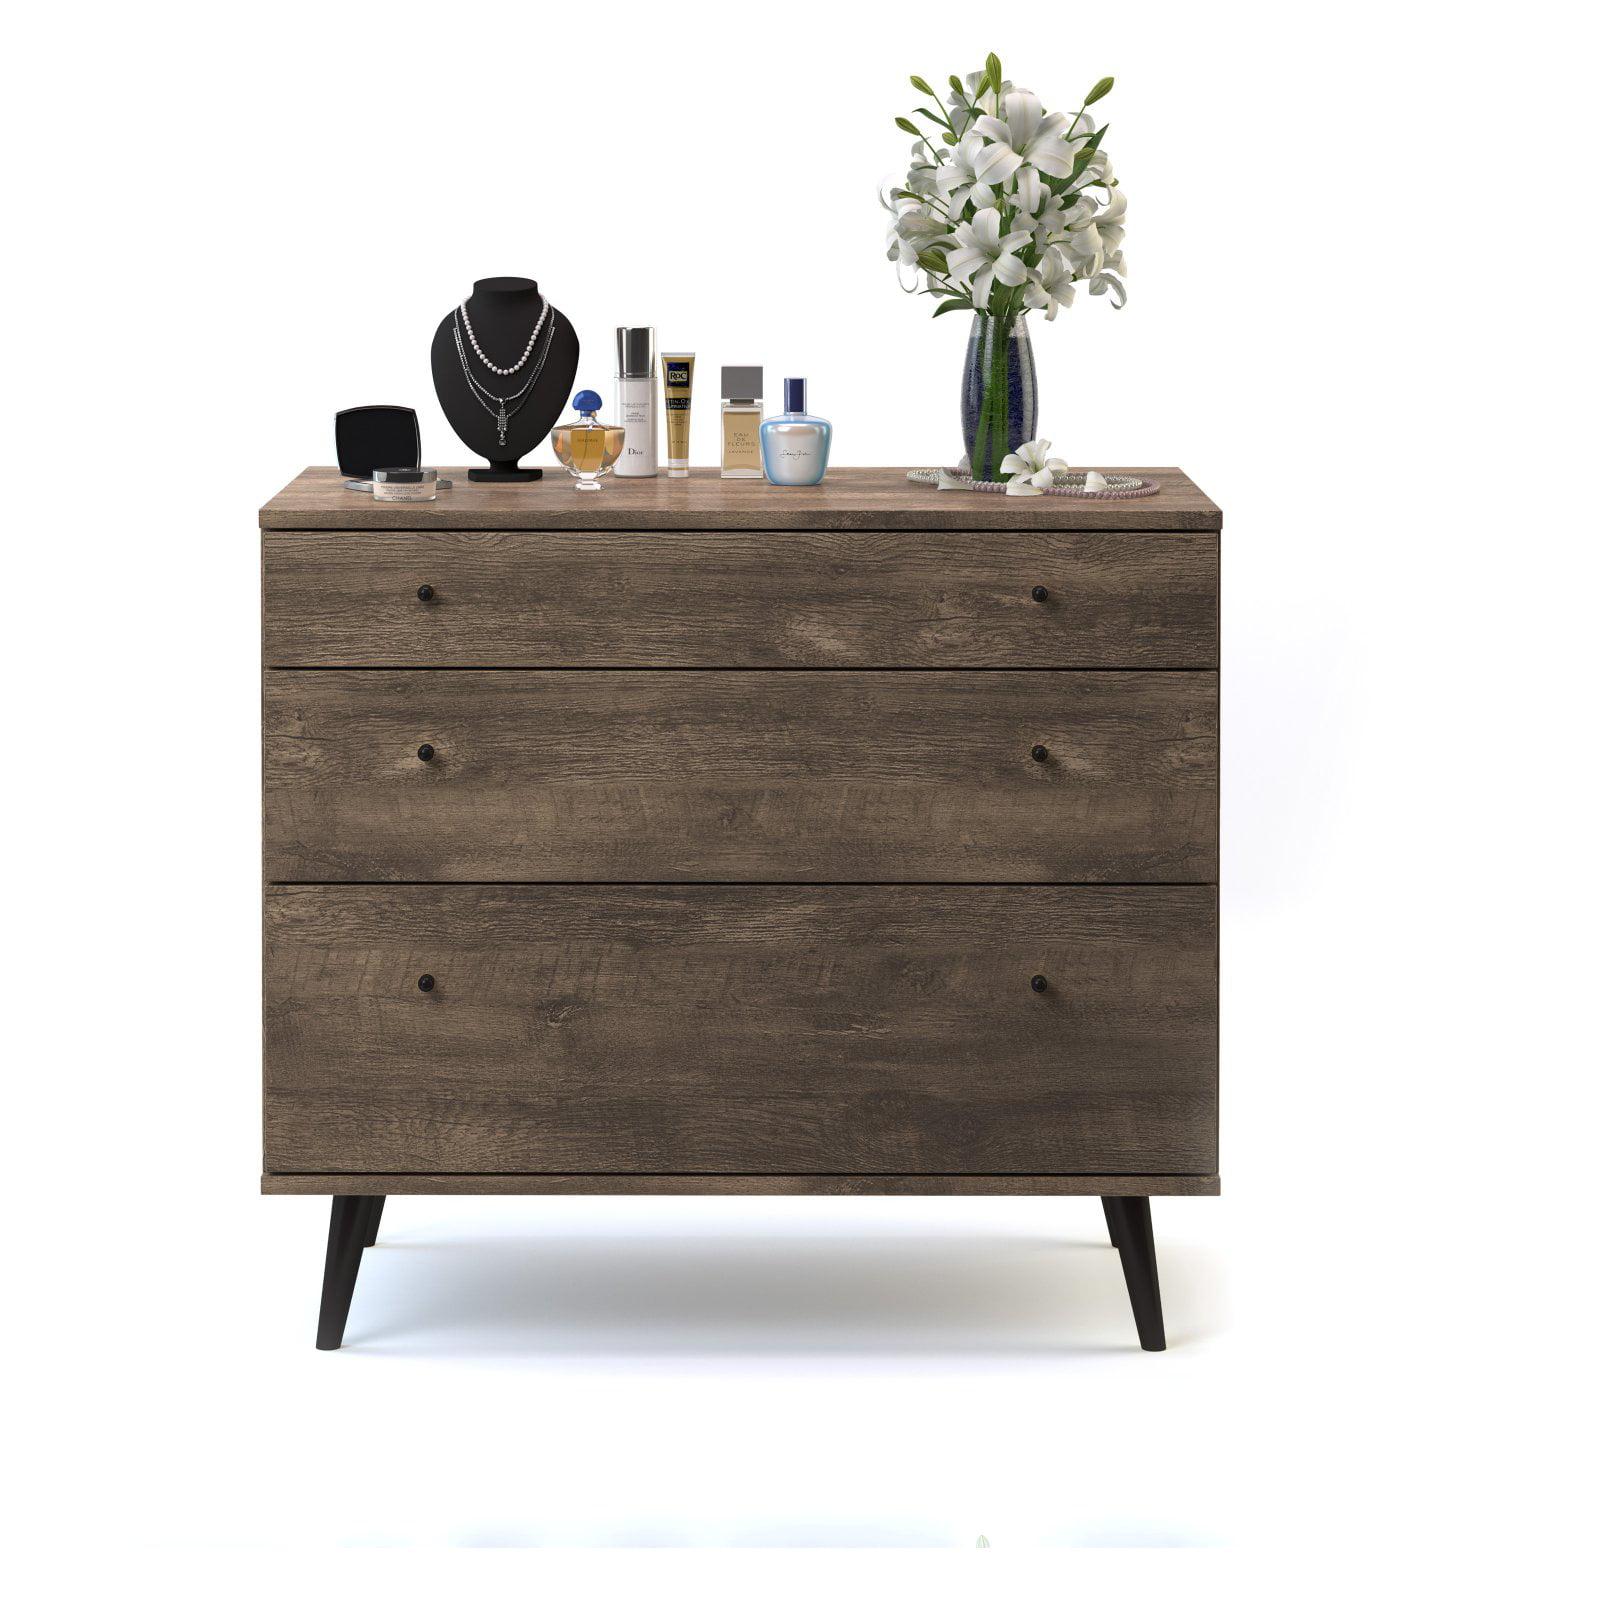 Midtown Concept Kansas Mid-Century 3 Drawer Dresser